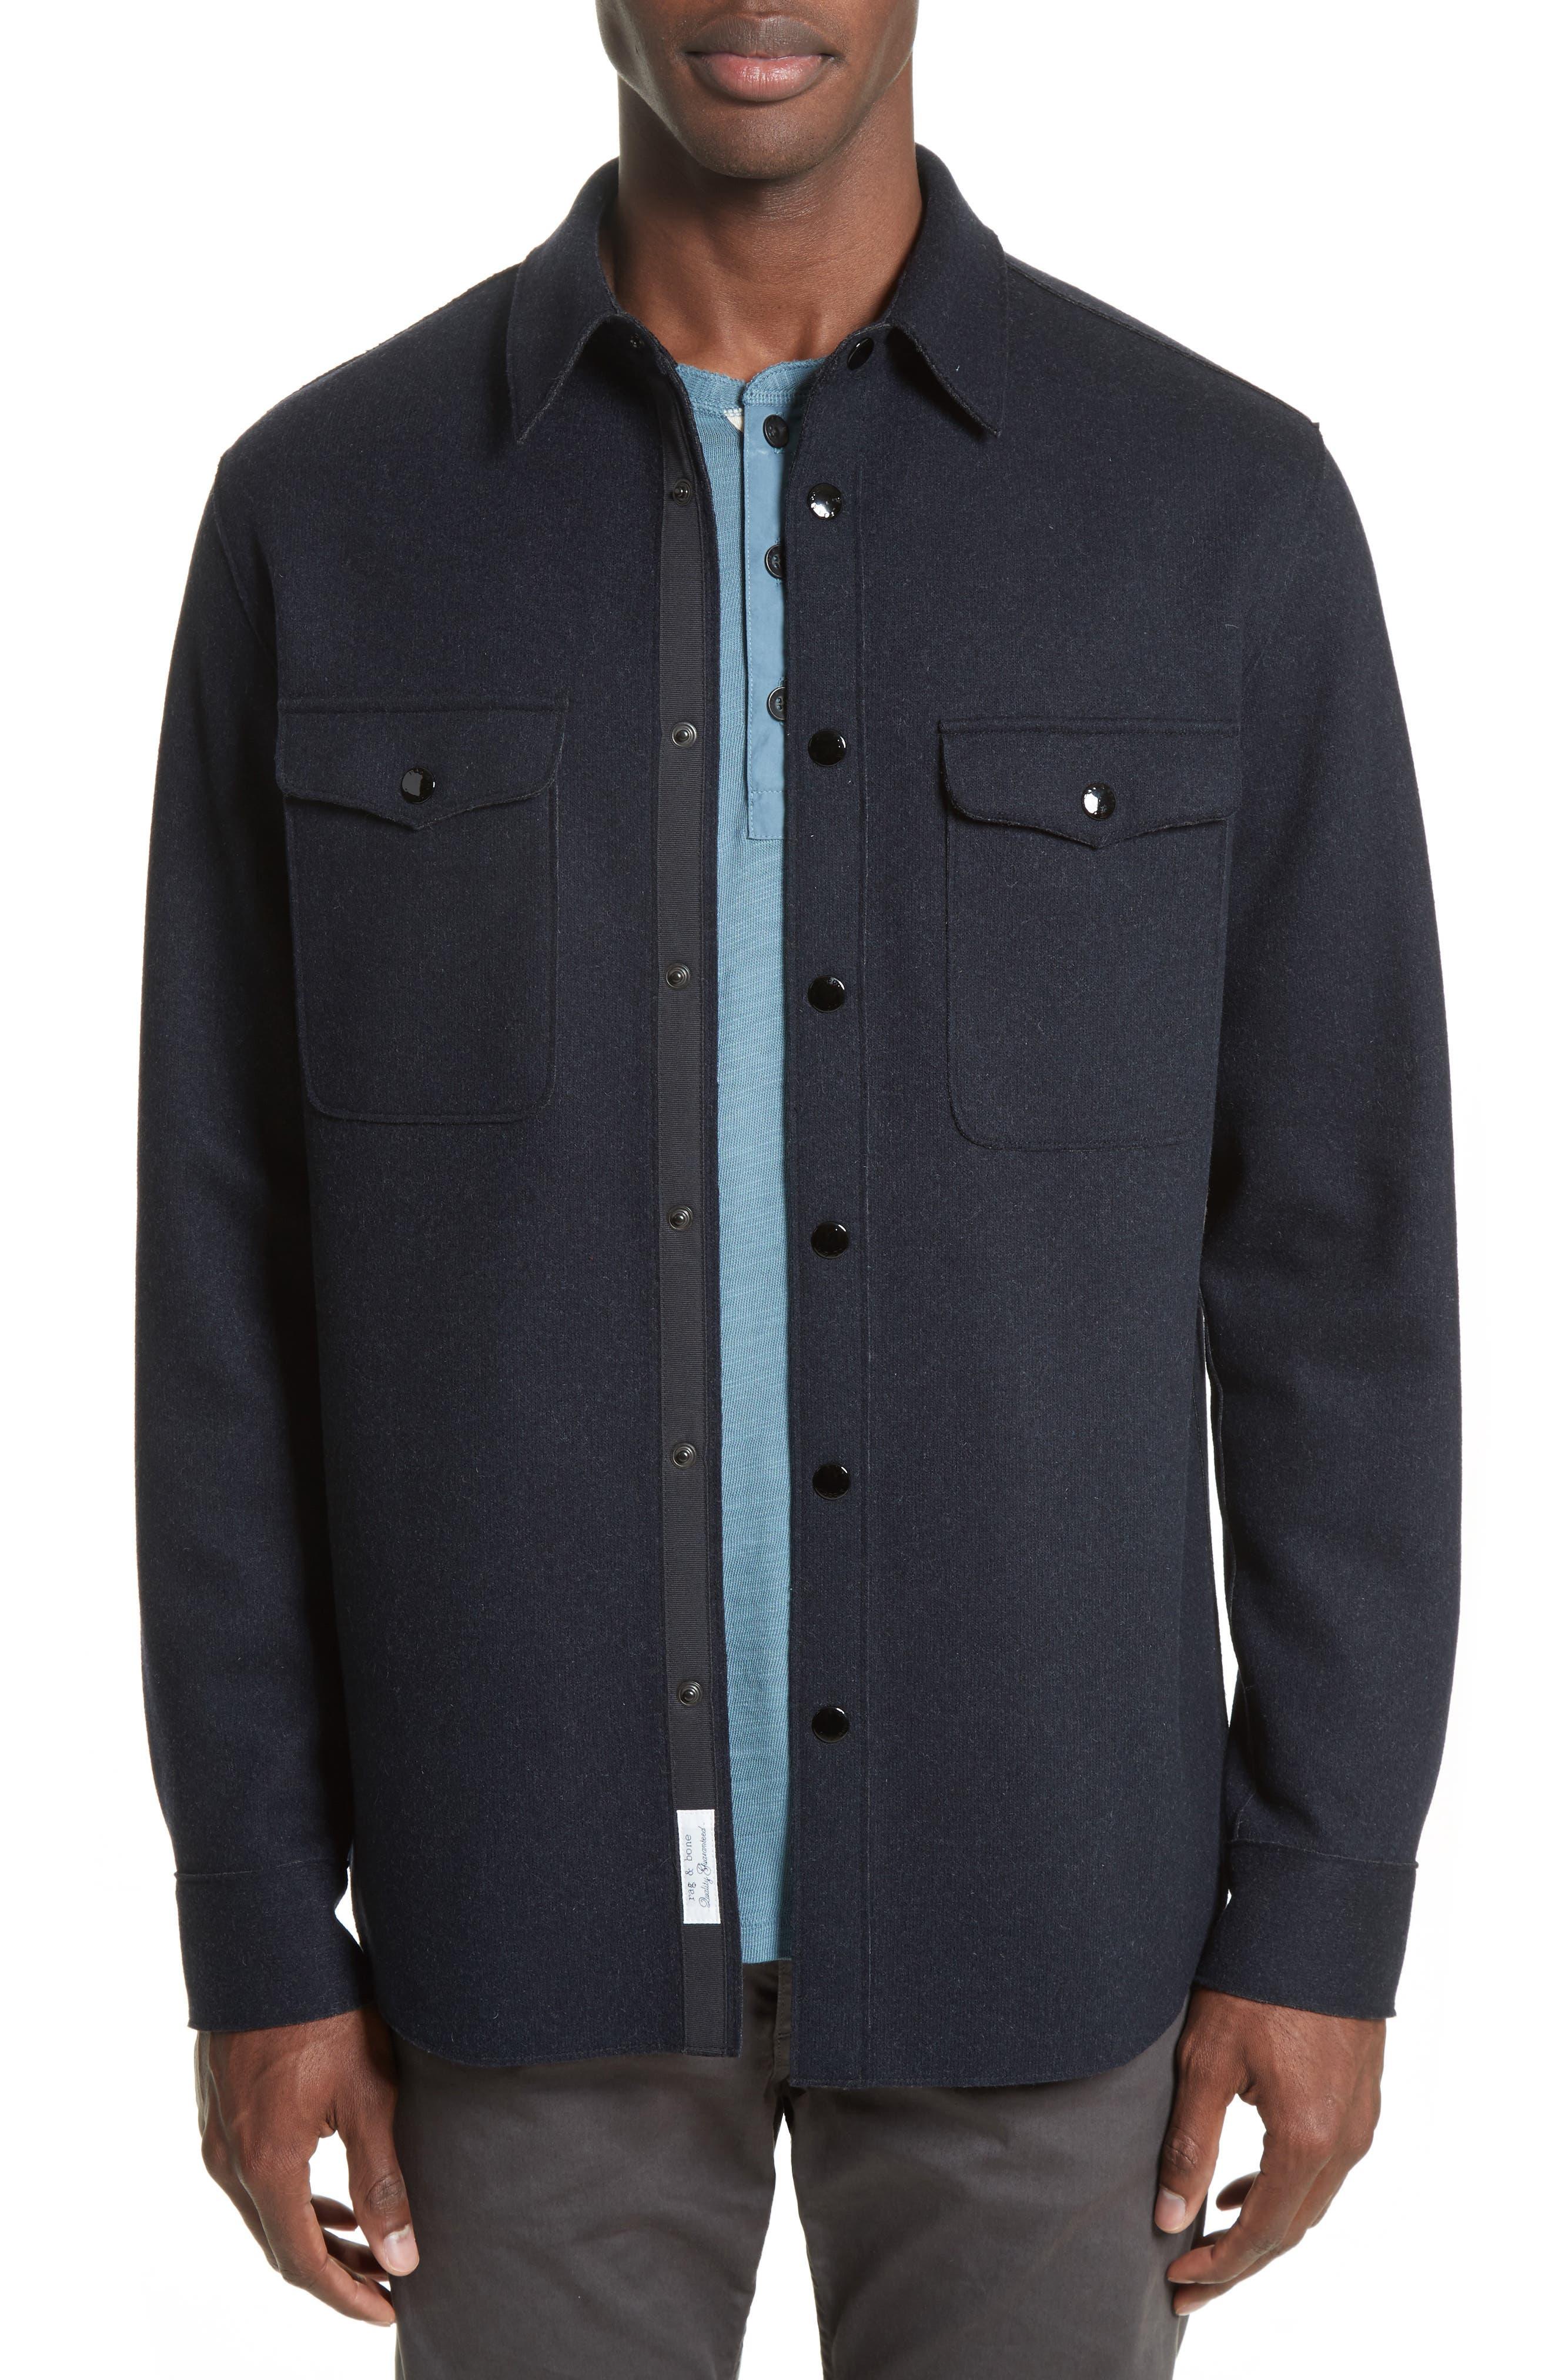 Alternate Image 1 Selected - rag & bone Raw Edge Shirt Jacket